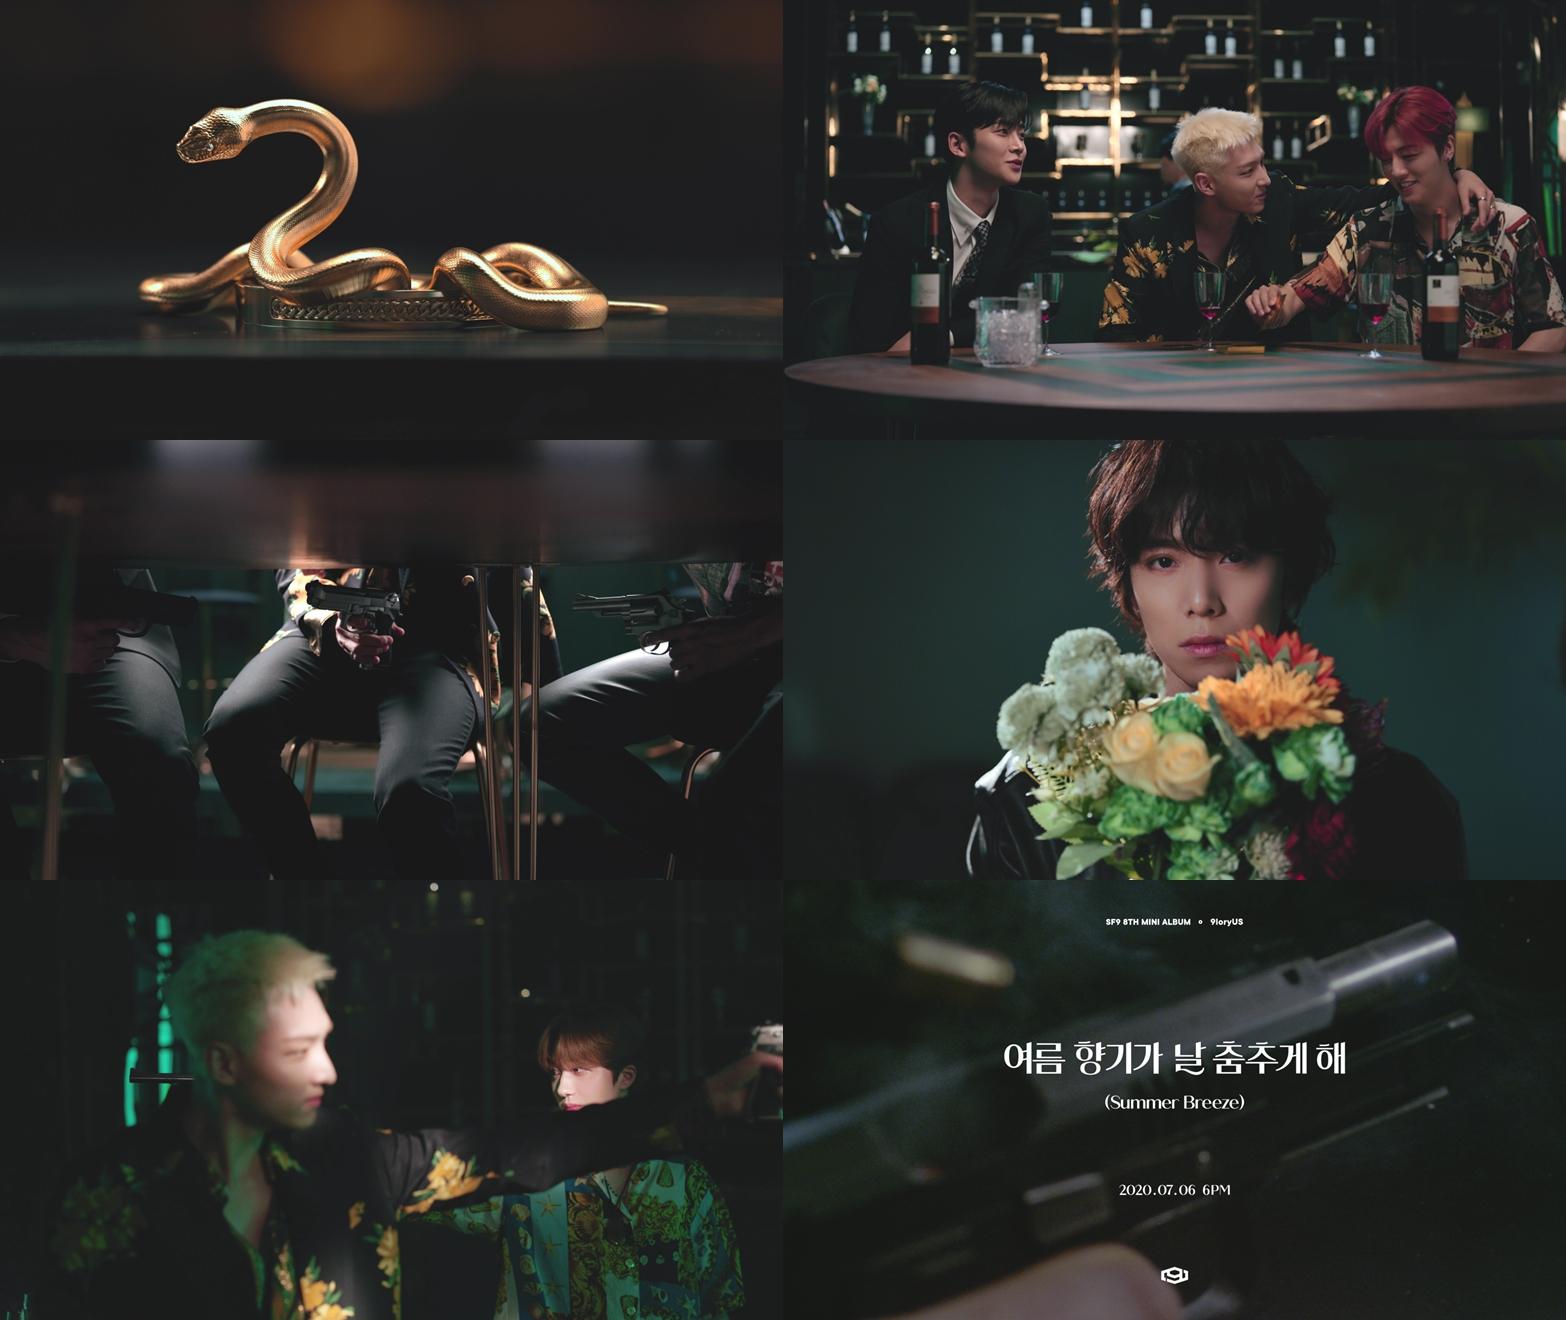 SF9, '여름 향기가 날 춤추게 해' MV 티저 공개… 묘한 긴장감 '가득'